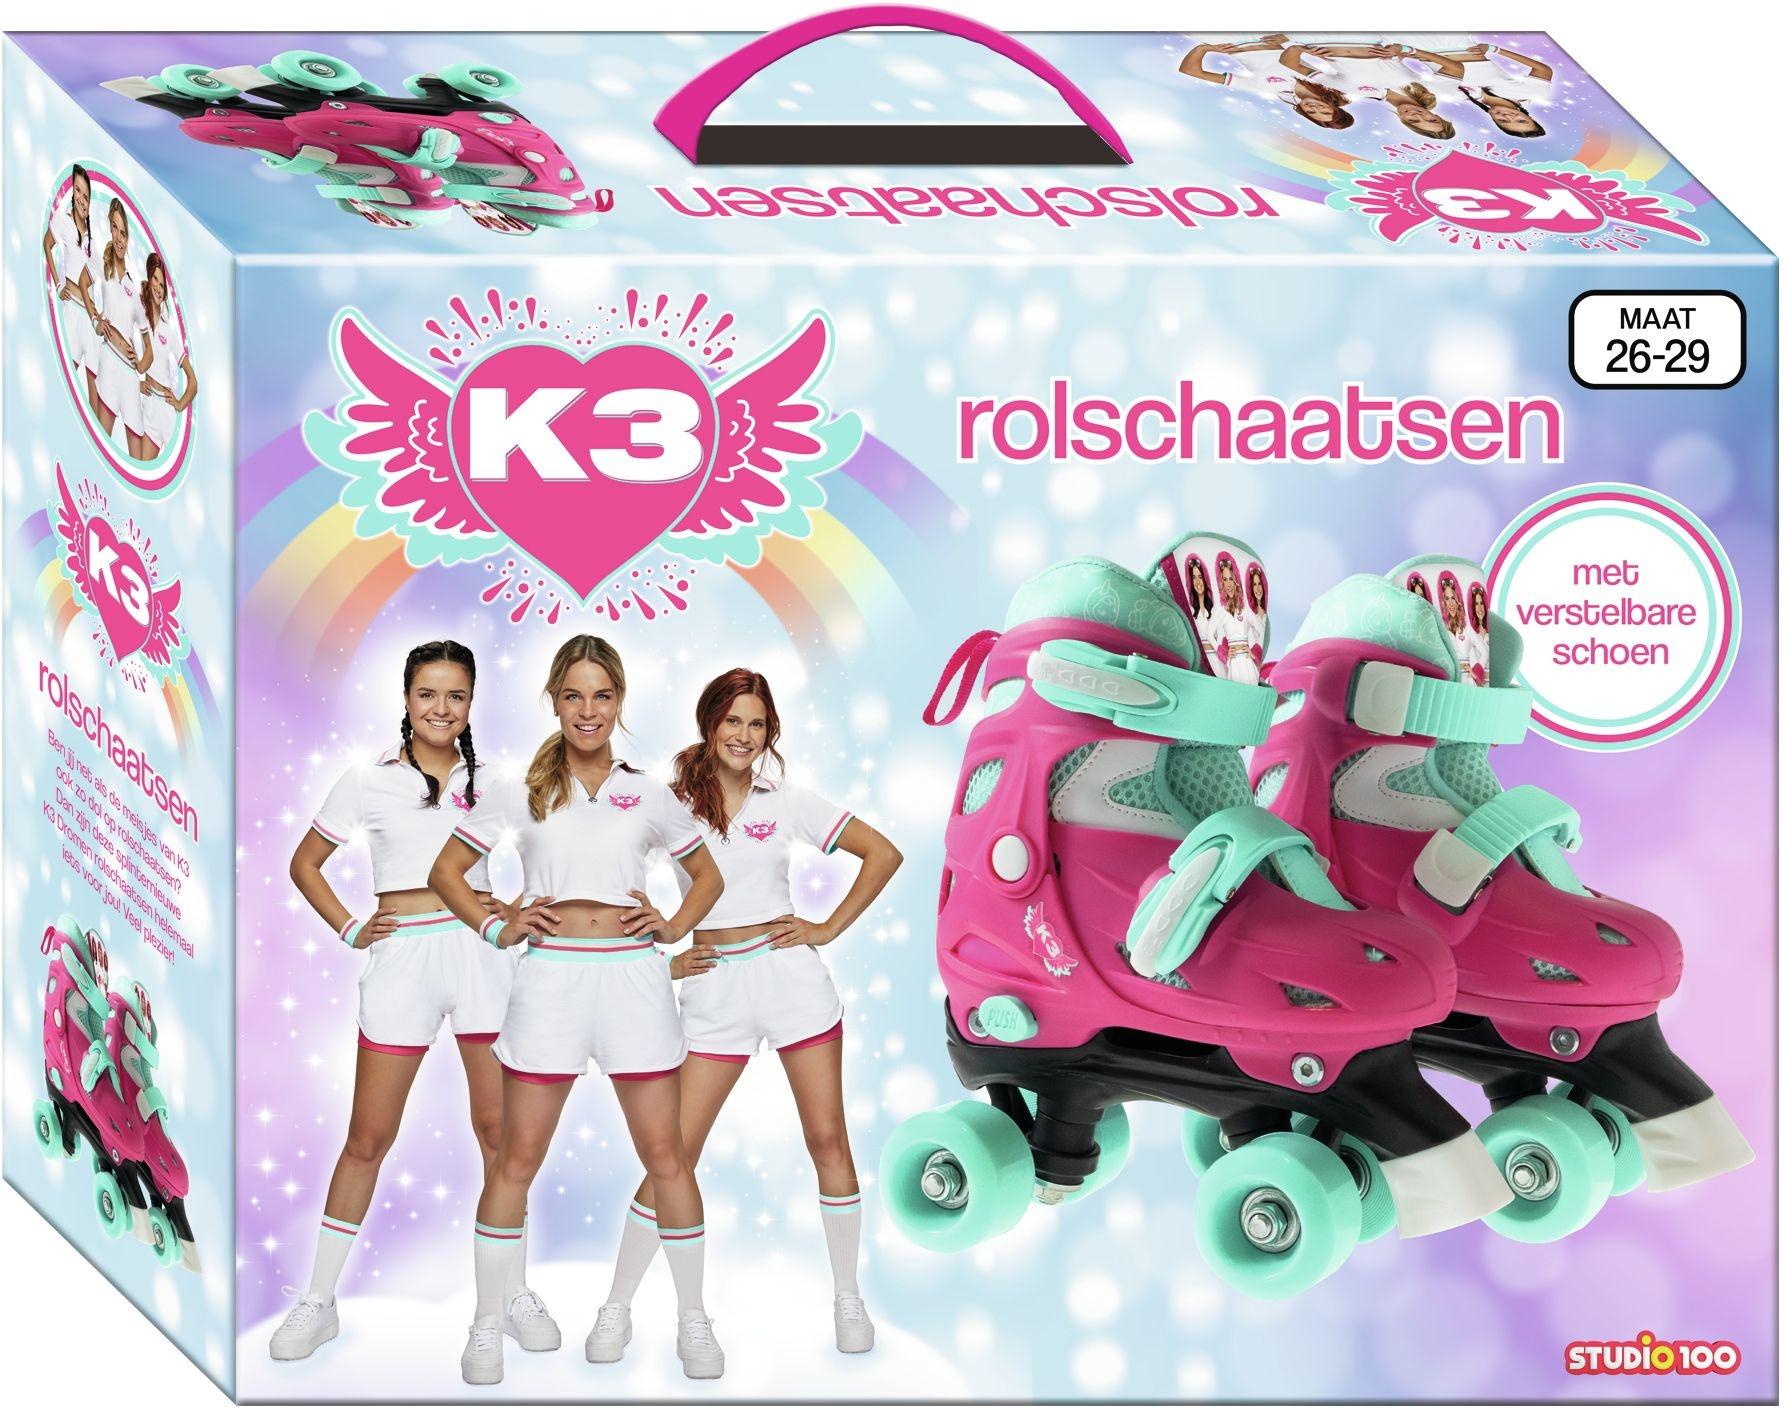 K3 patins à roulettes - rêves